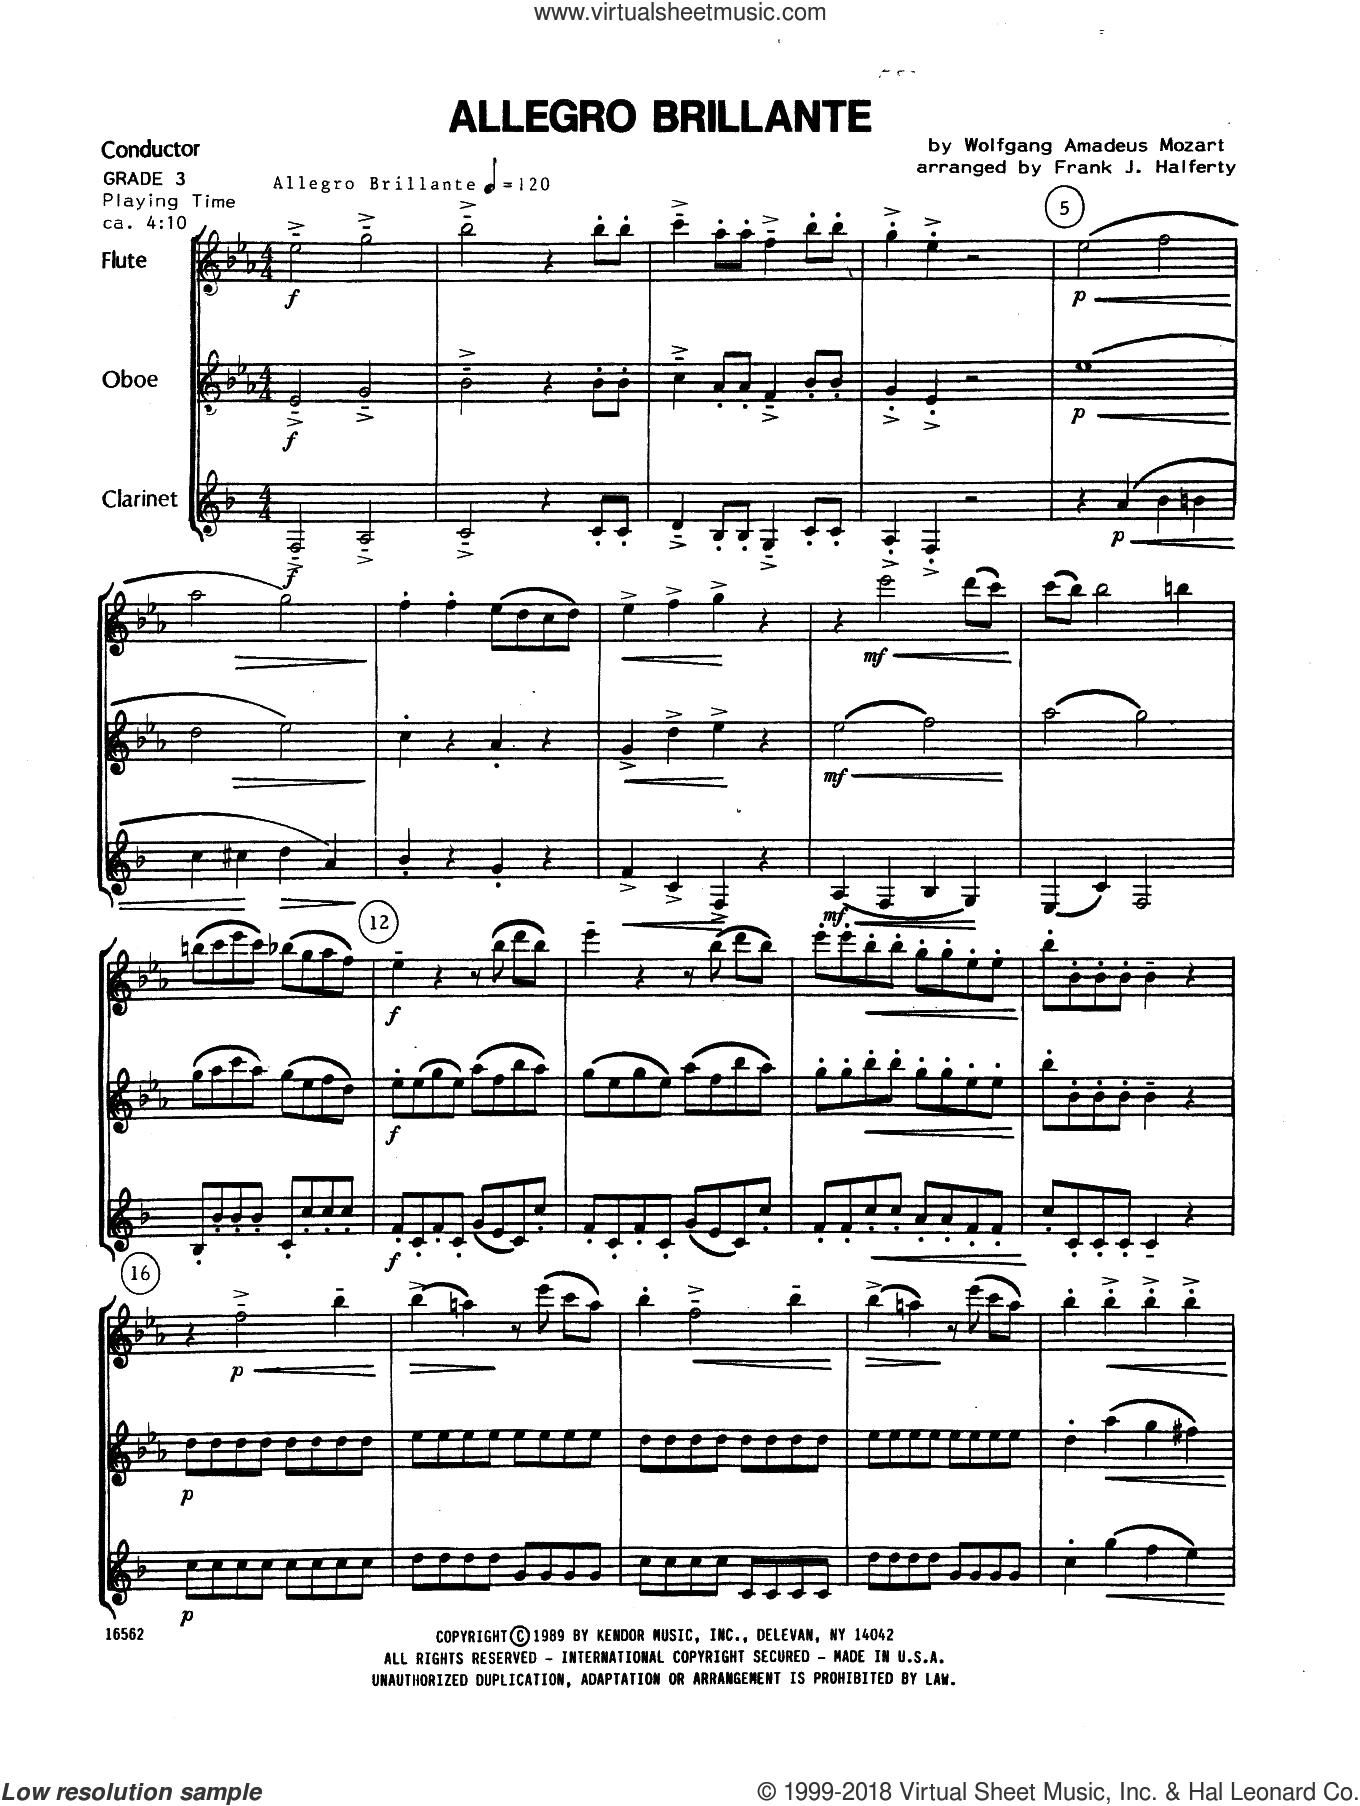 Mozart - Allegro Brillante sheet music (complete collection) for wind trio